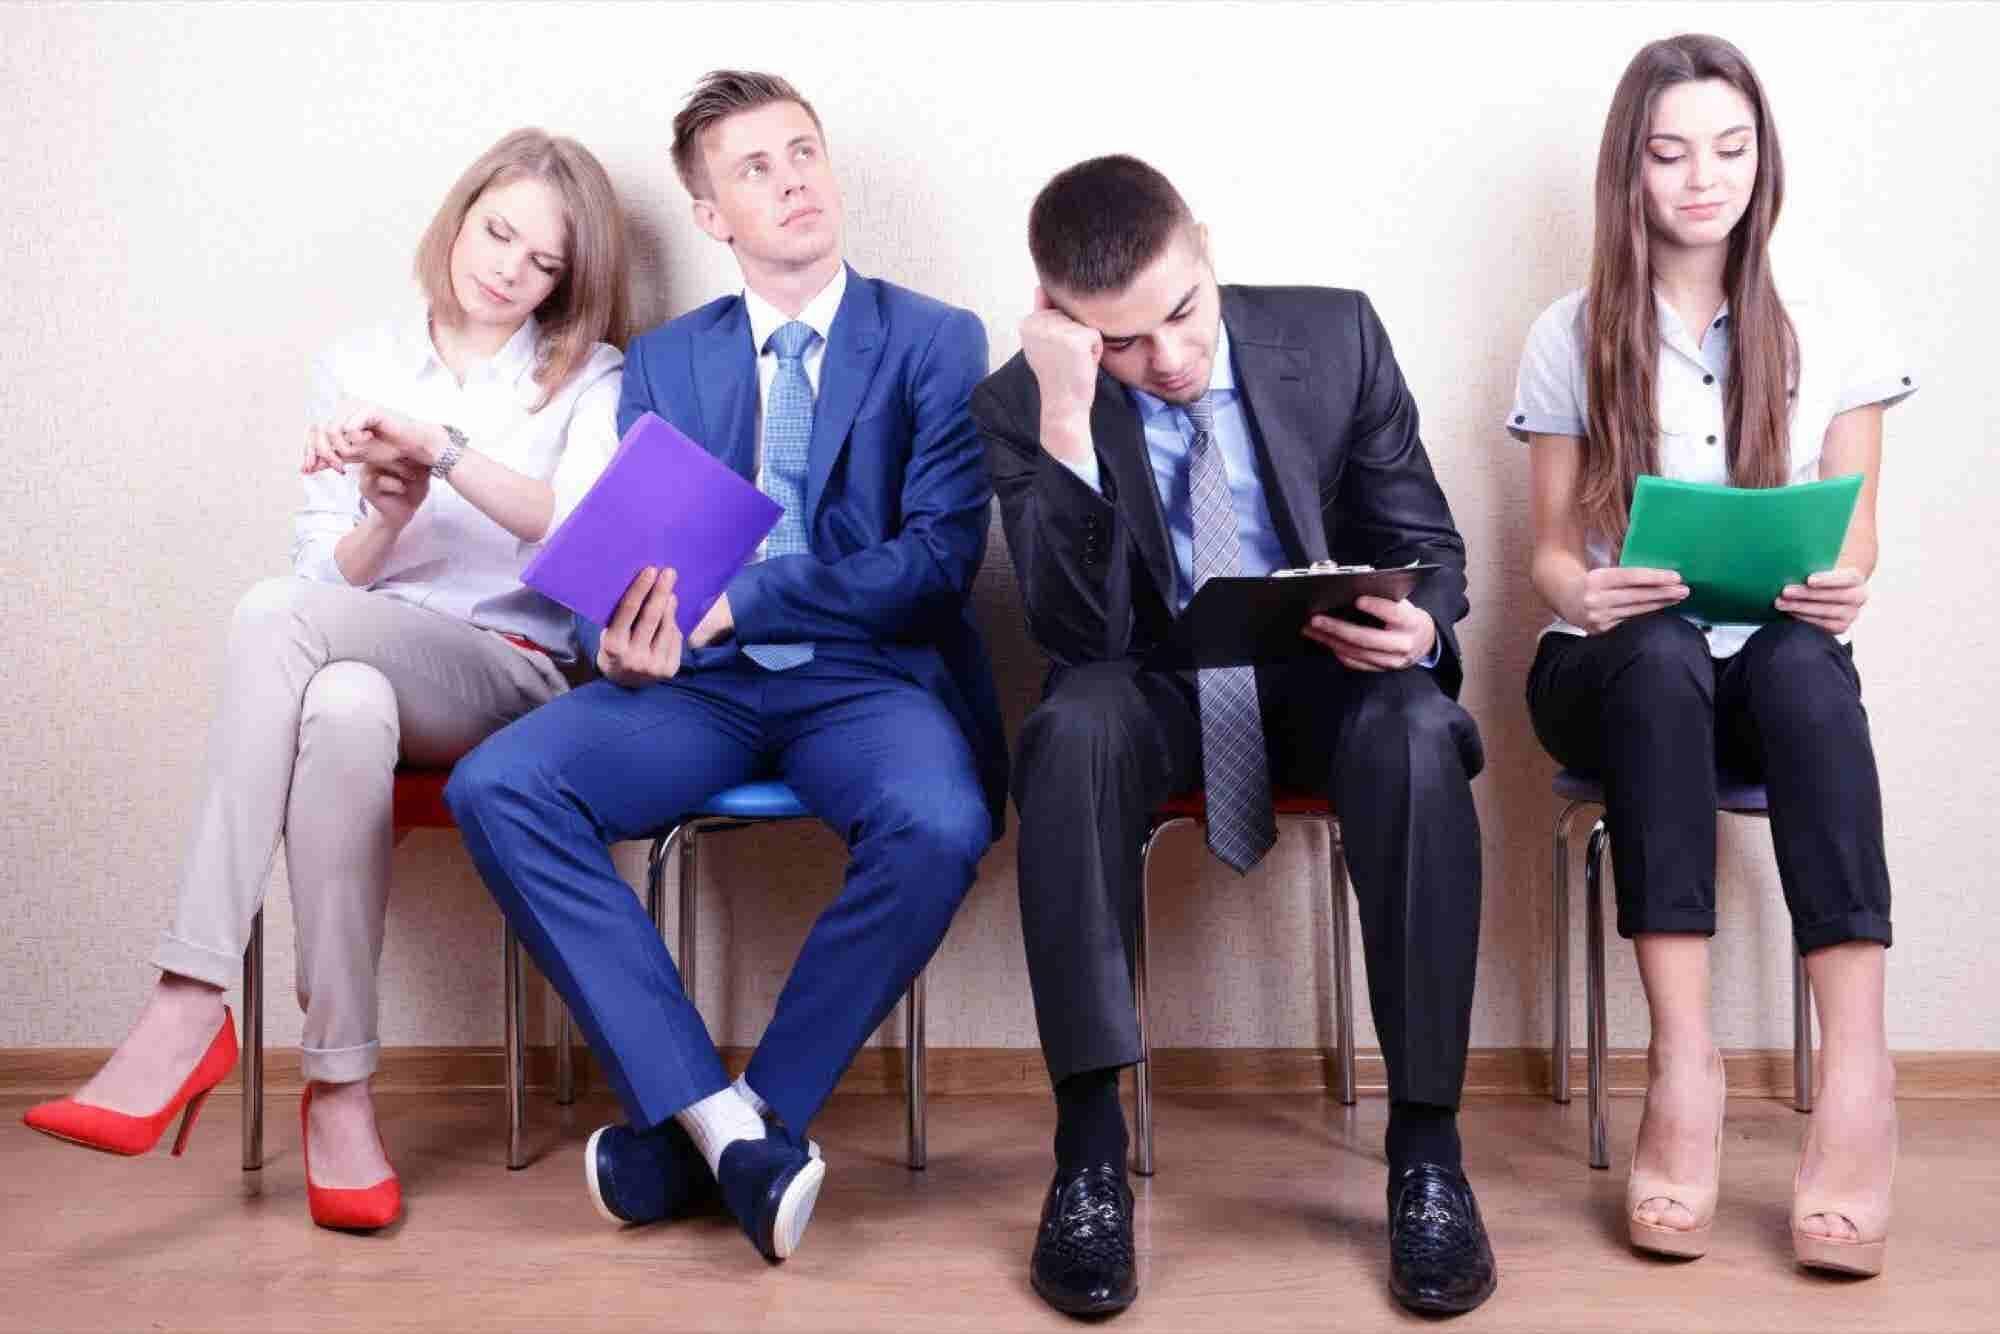 Galería: Preguntas que te hacen en una entrevista de trabajo